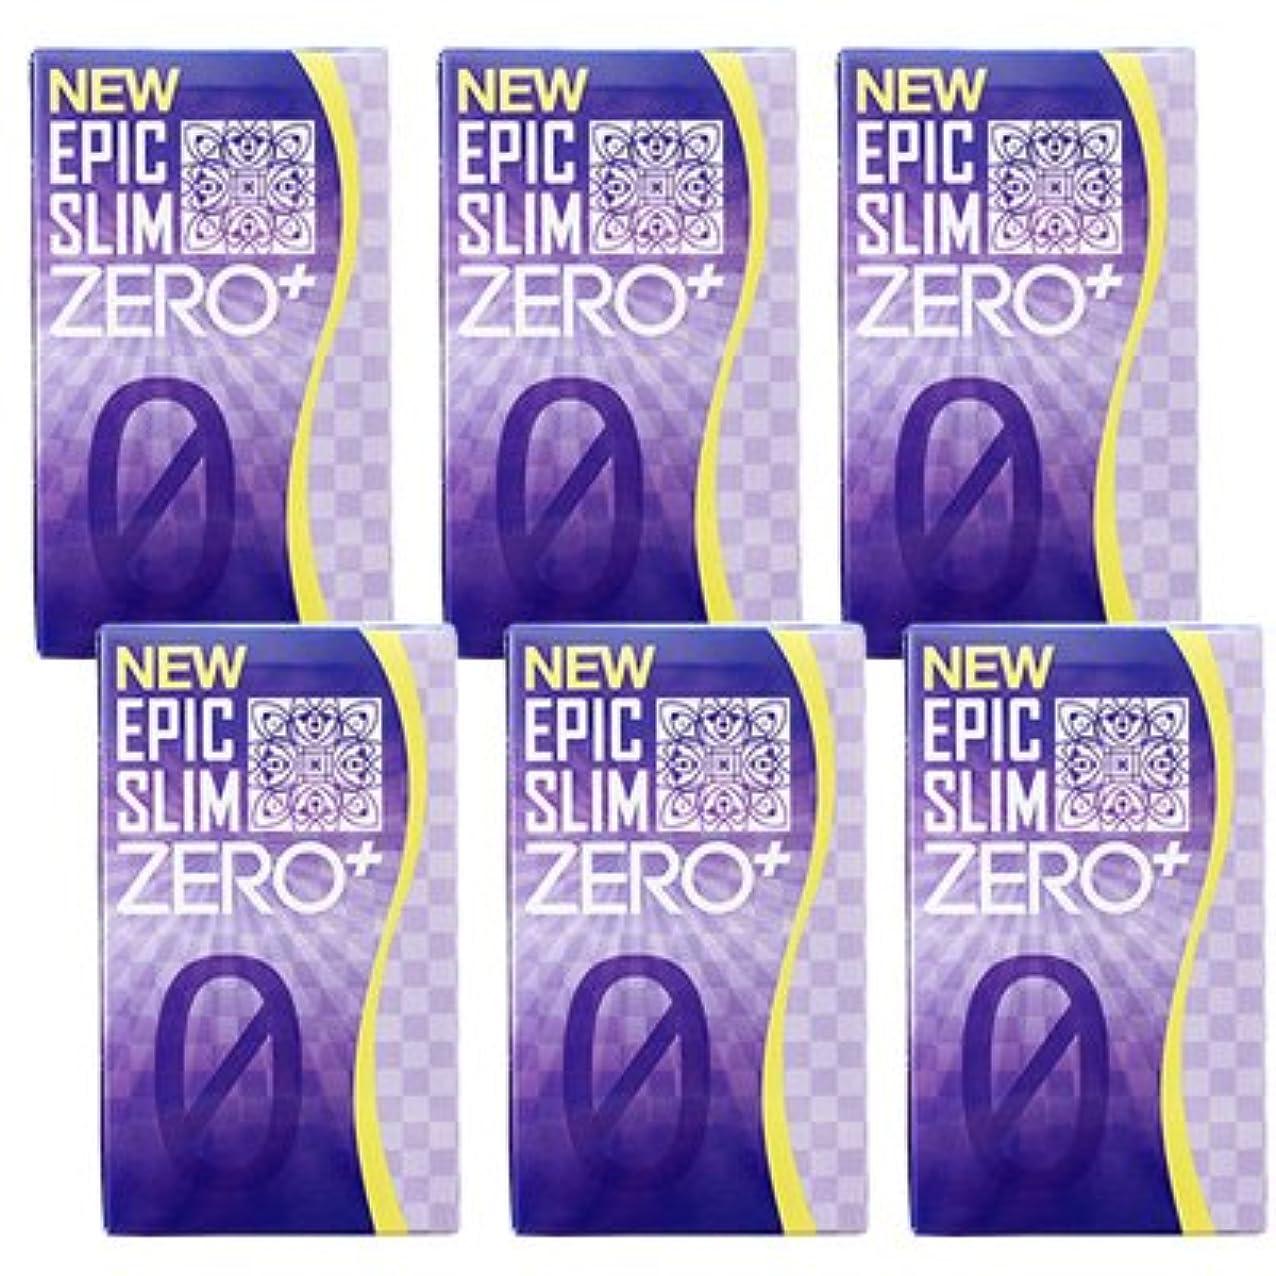 正義犠牲デコレーションNEW エピックスリム ゼロ+ 6個セット NEW Epic Slim ZERO PLUS